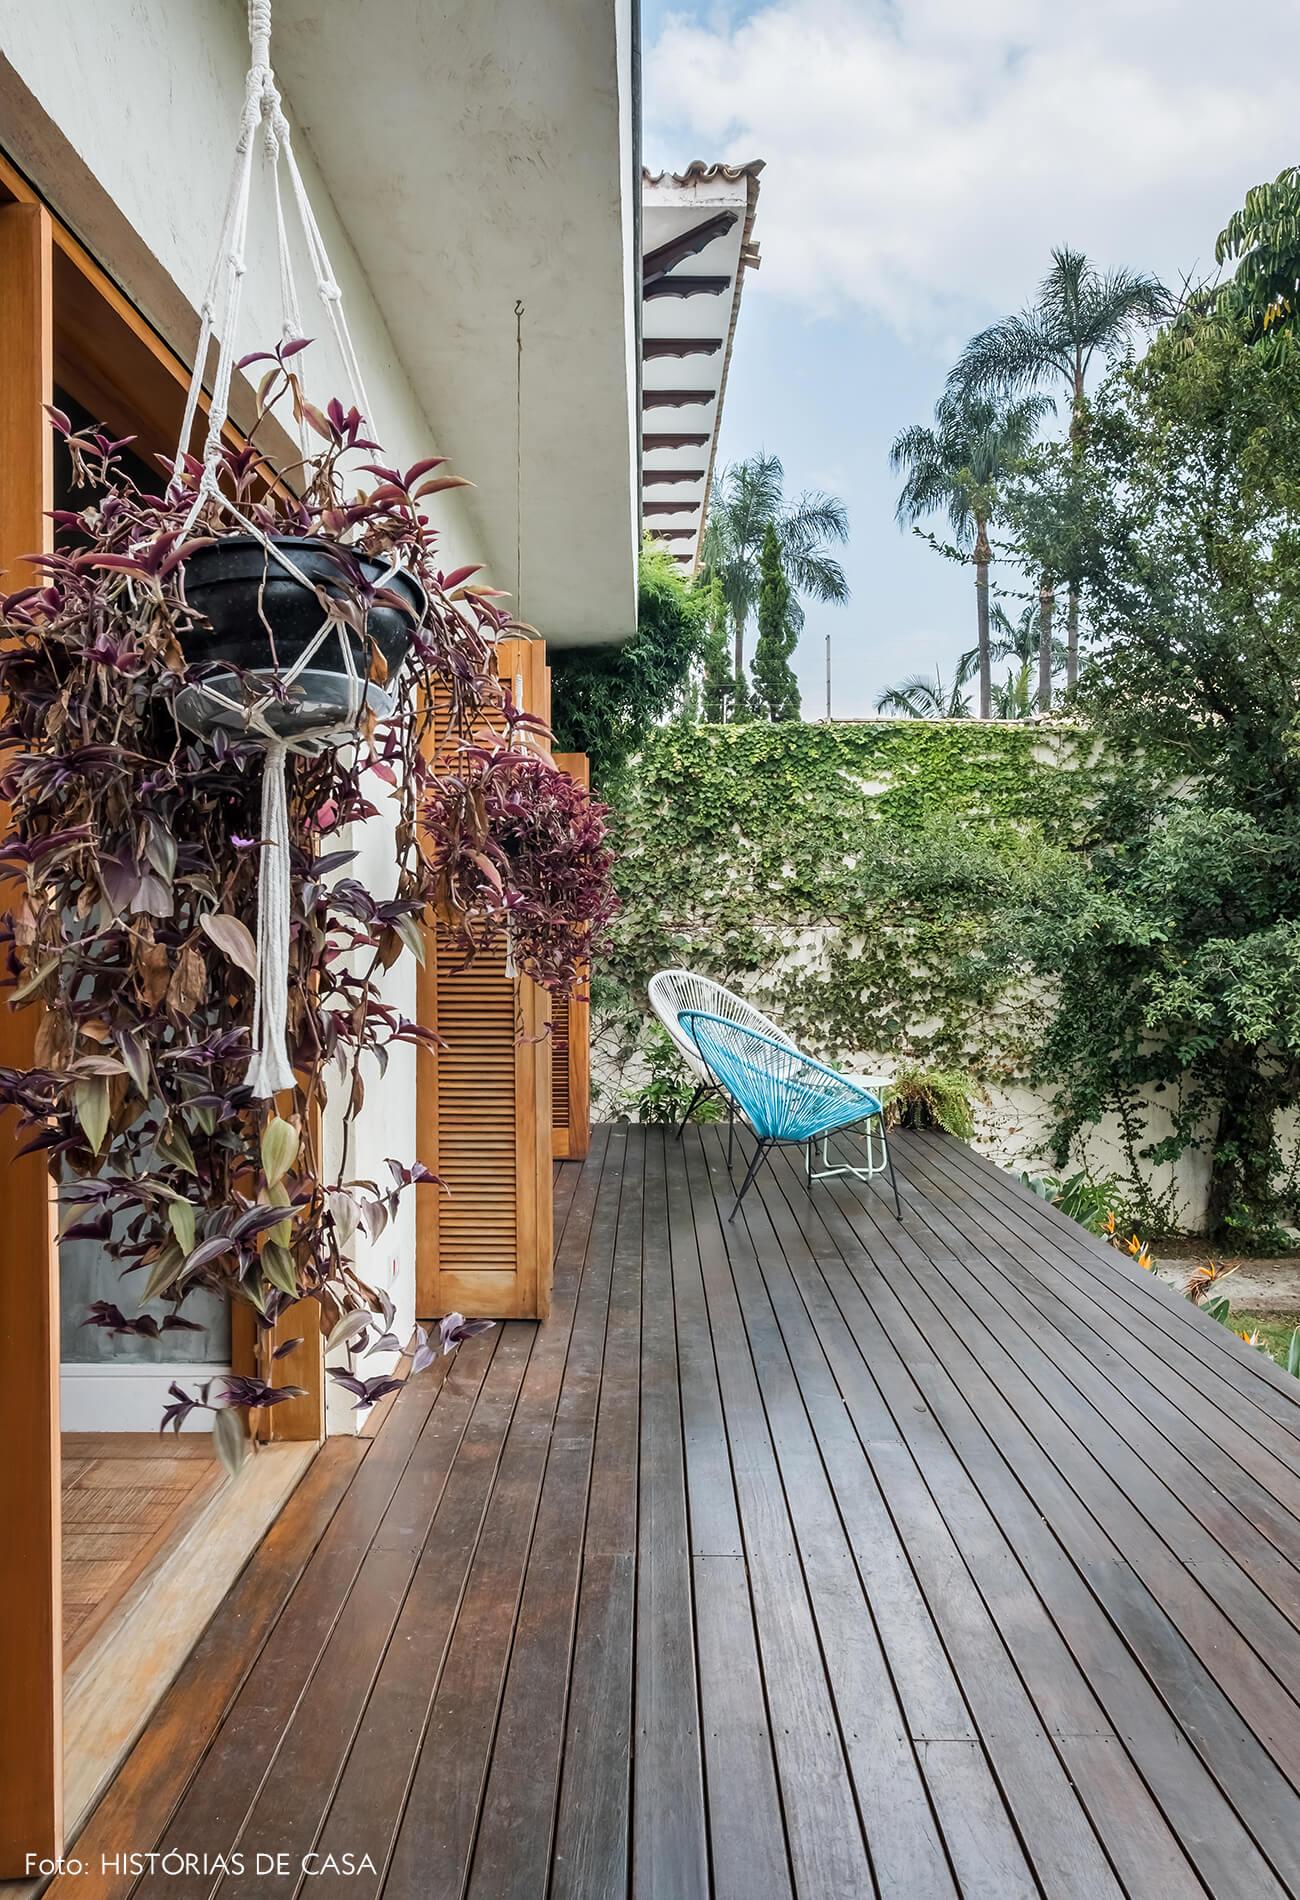 Casa com jardim nos fundos. Deck elevado e muitas plantas.